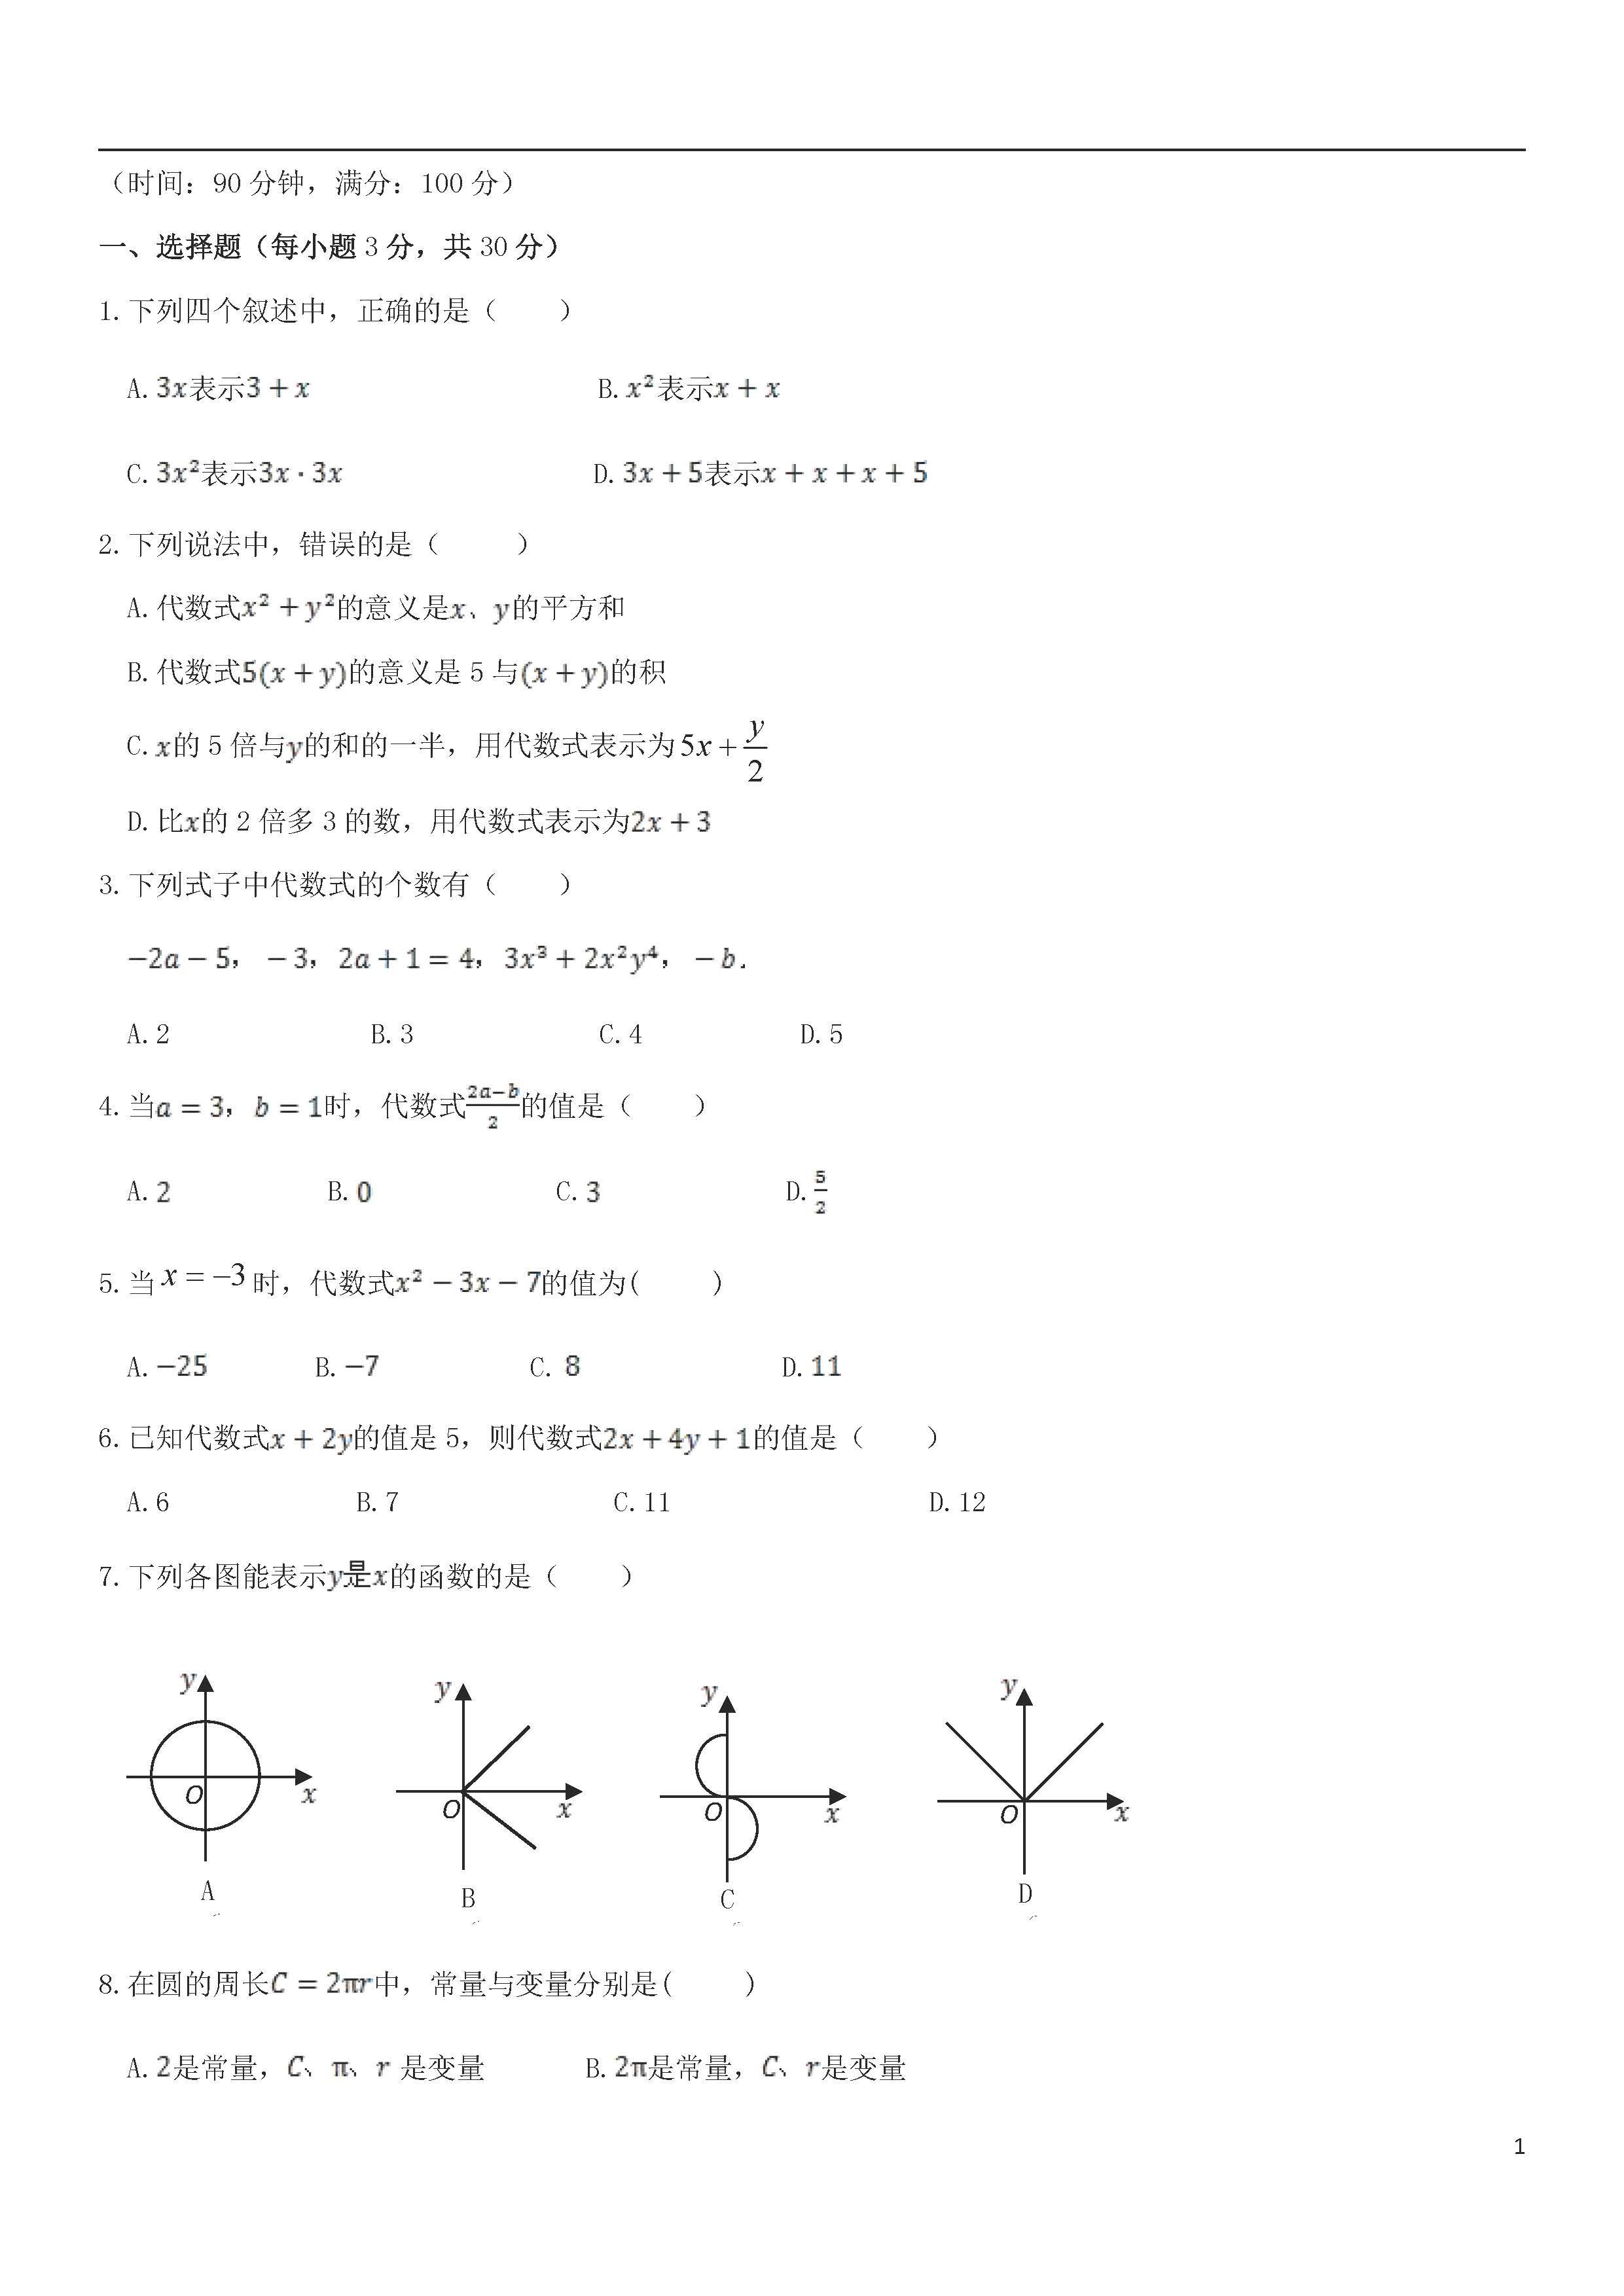 青岛版2018-2019届七年级数学上册期中试题答案1(代数式与函数)